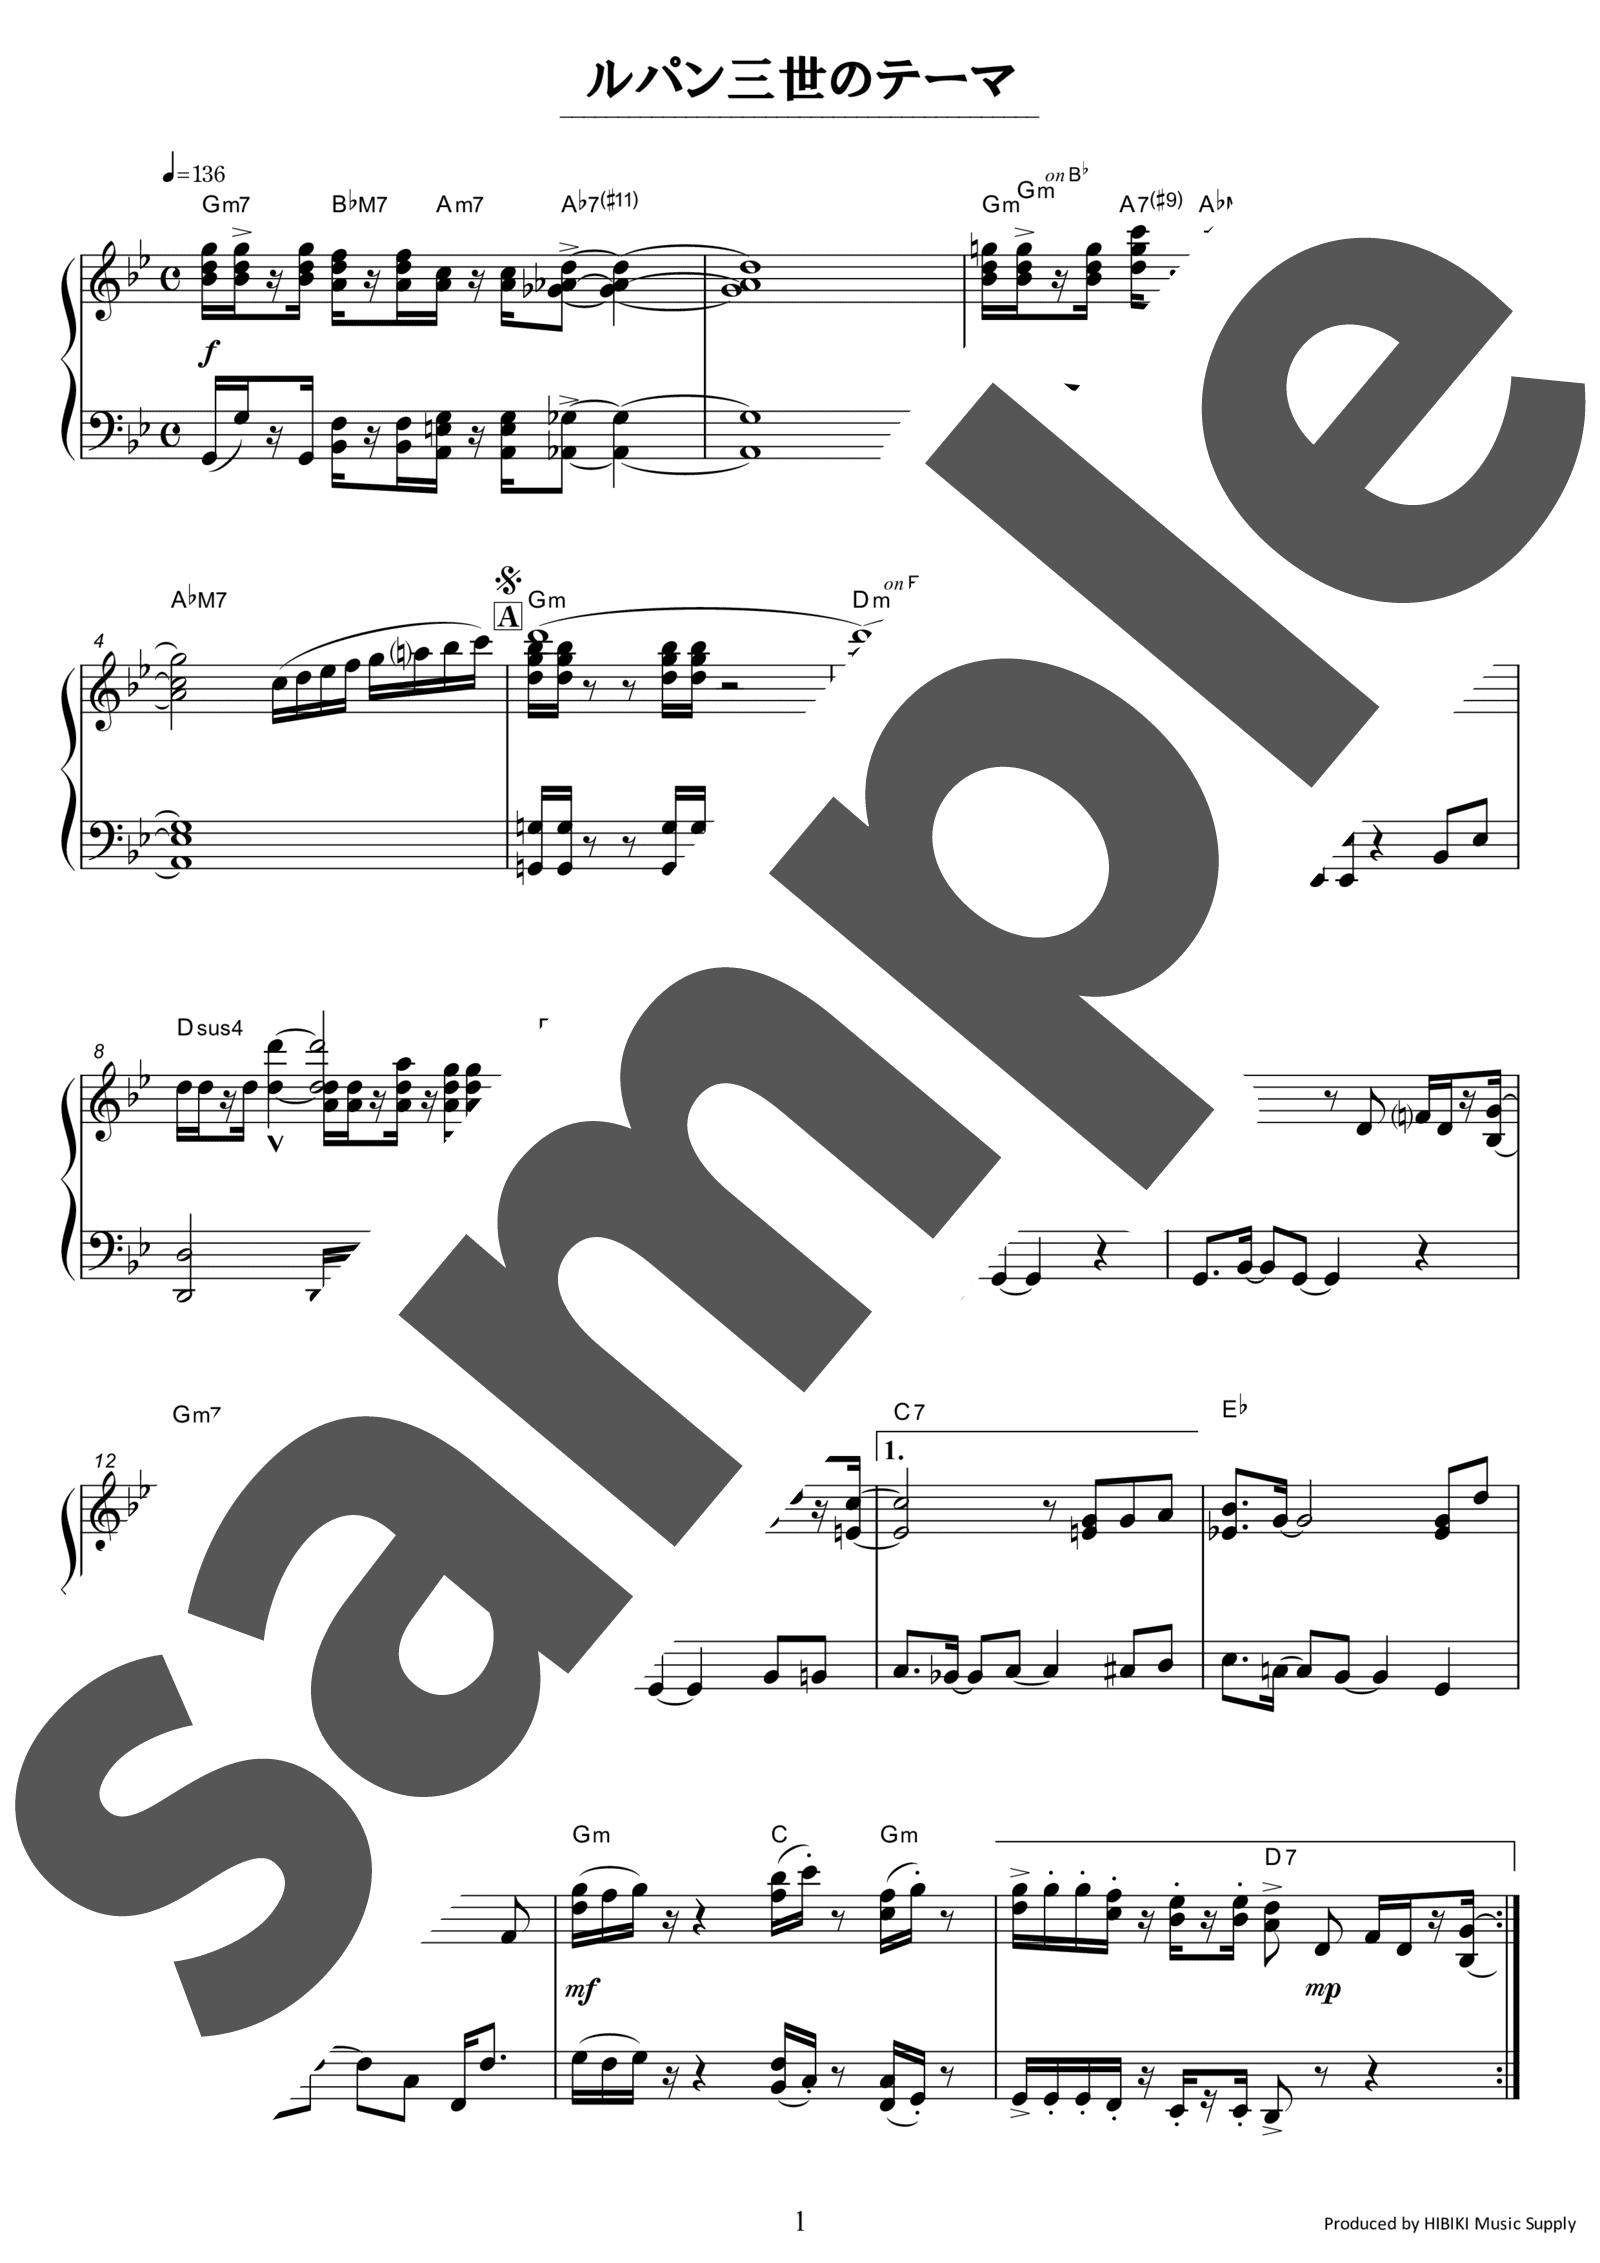 「ルパン三世のテーマ」のサンプル楽譜